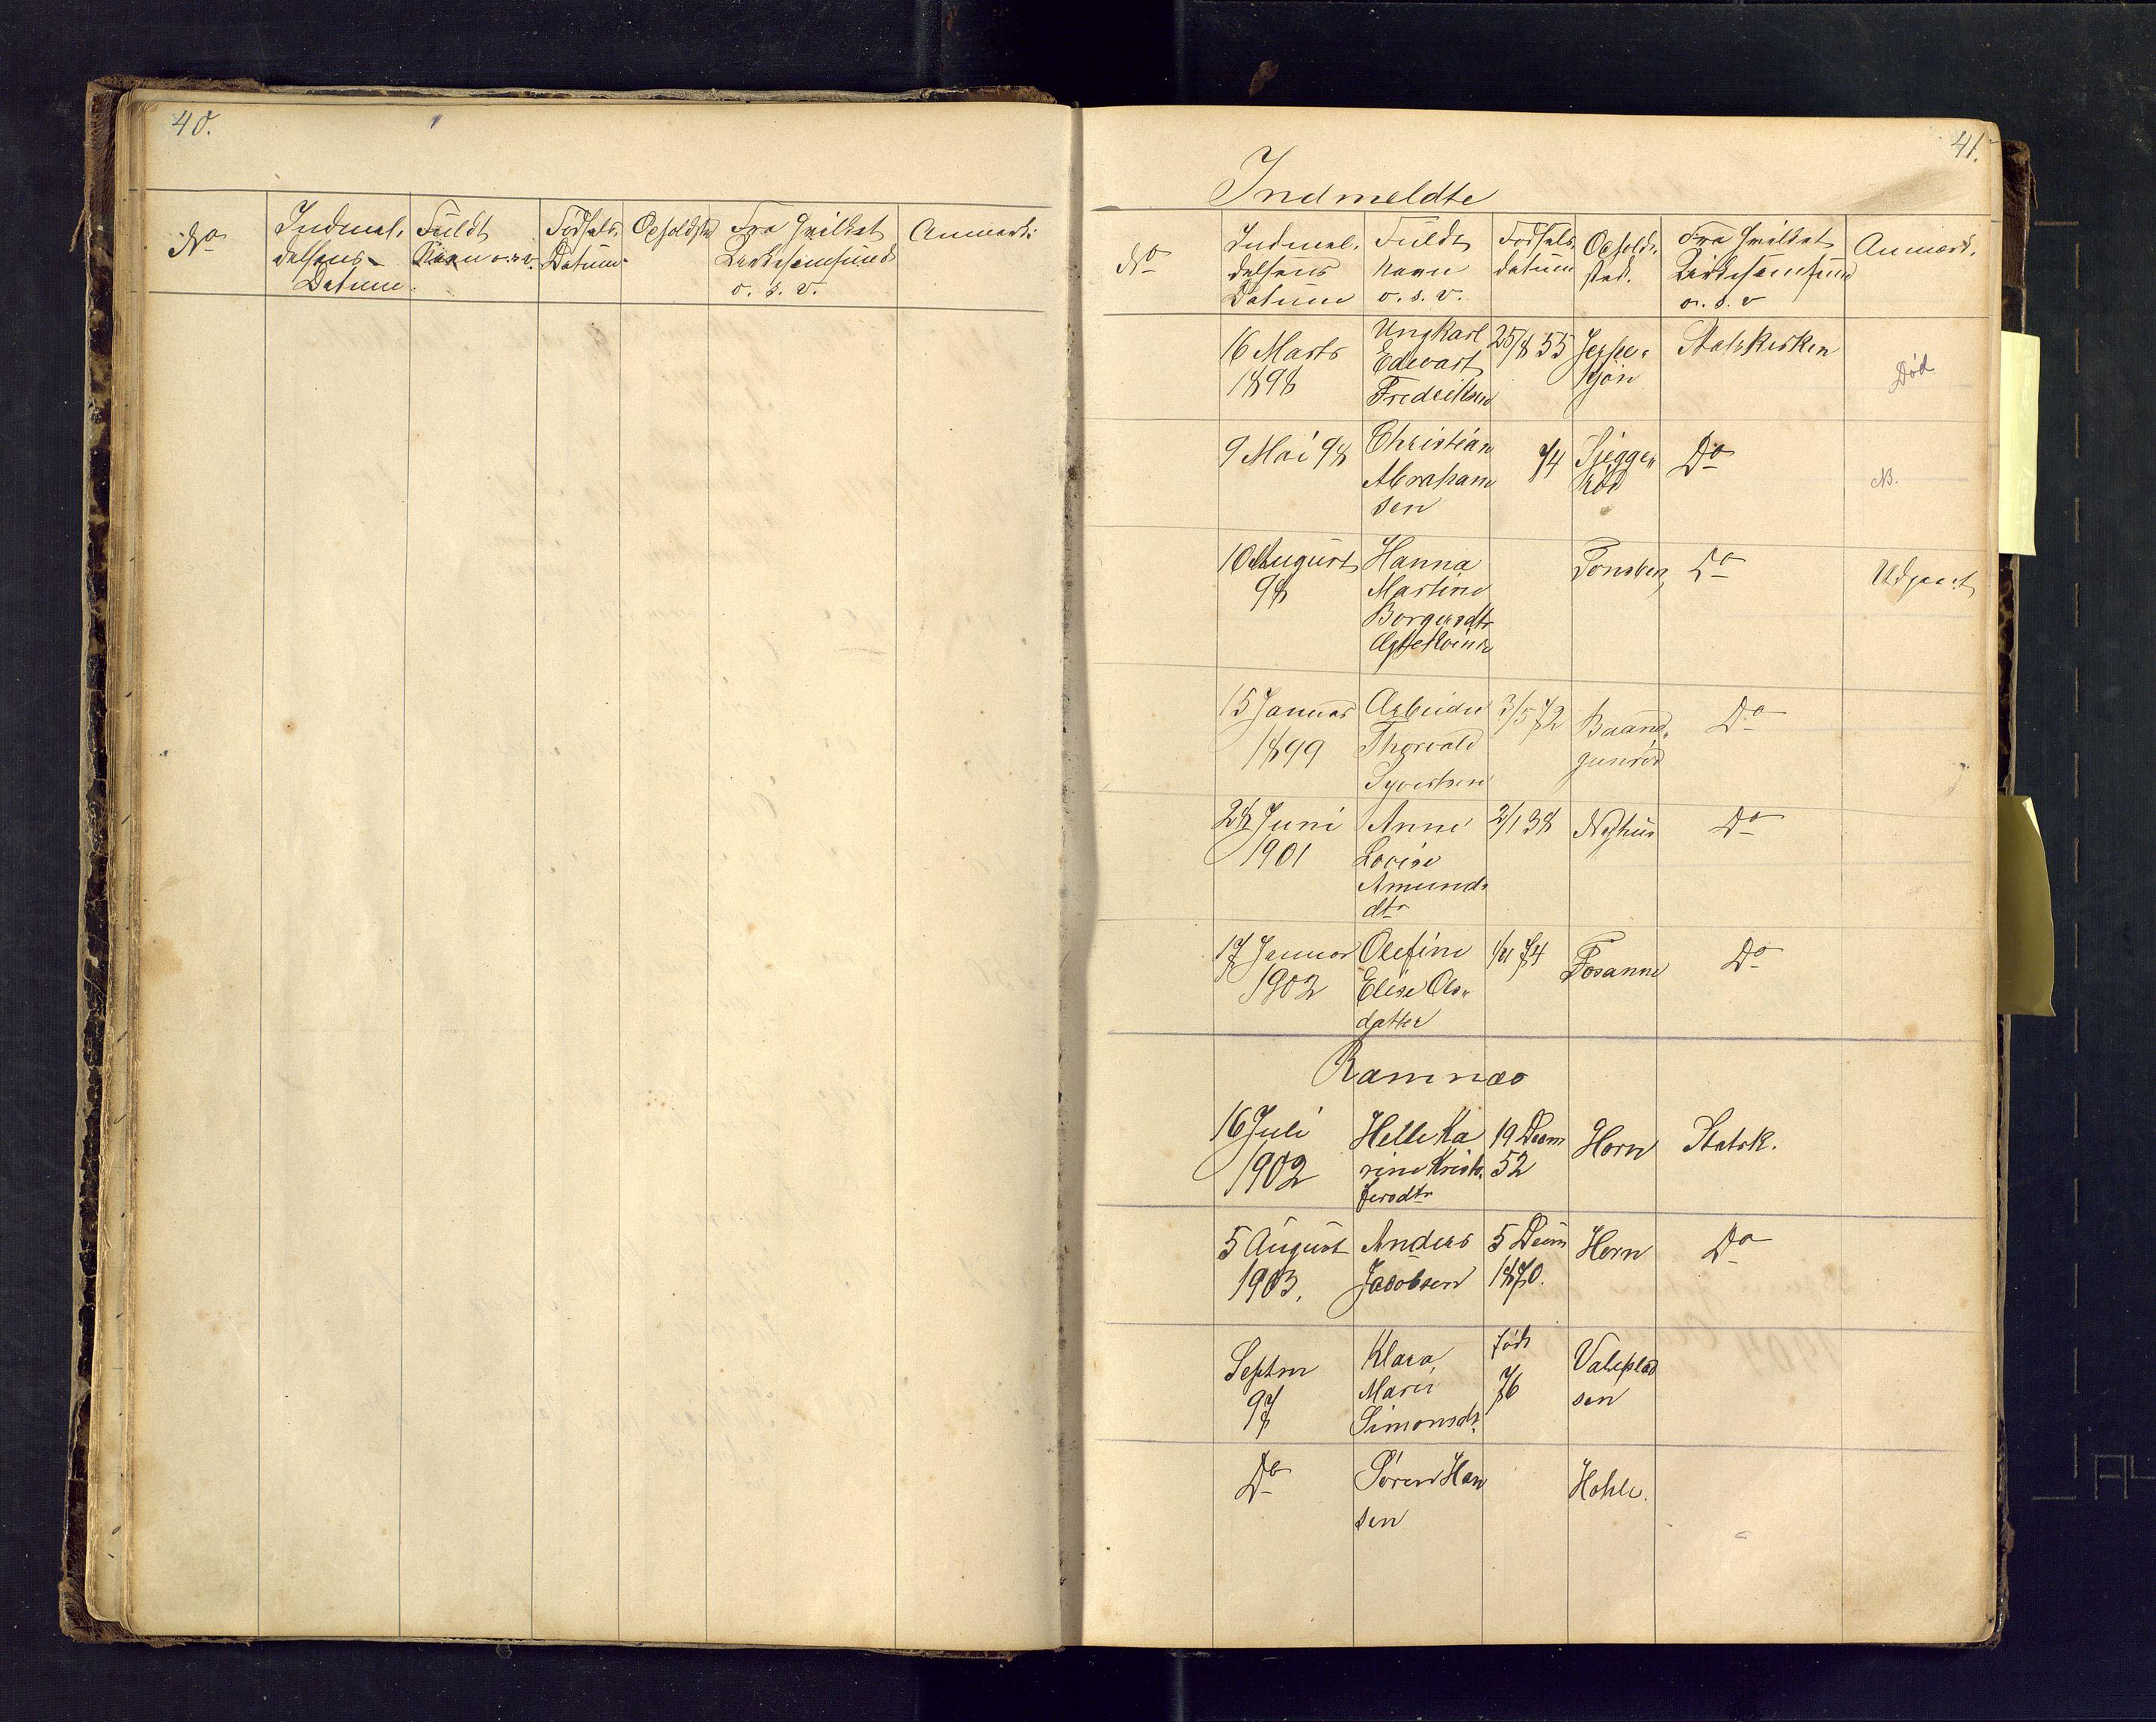 SAKO, Den evangelisk lutherske frimenighet i Jarlsbergs grevskap med flere steder, F/Fa/L0001: Dissenterprotokoll nr. Fa/L0001, 1872-1925, s. 40-41